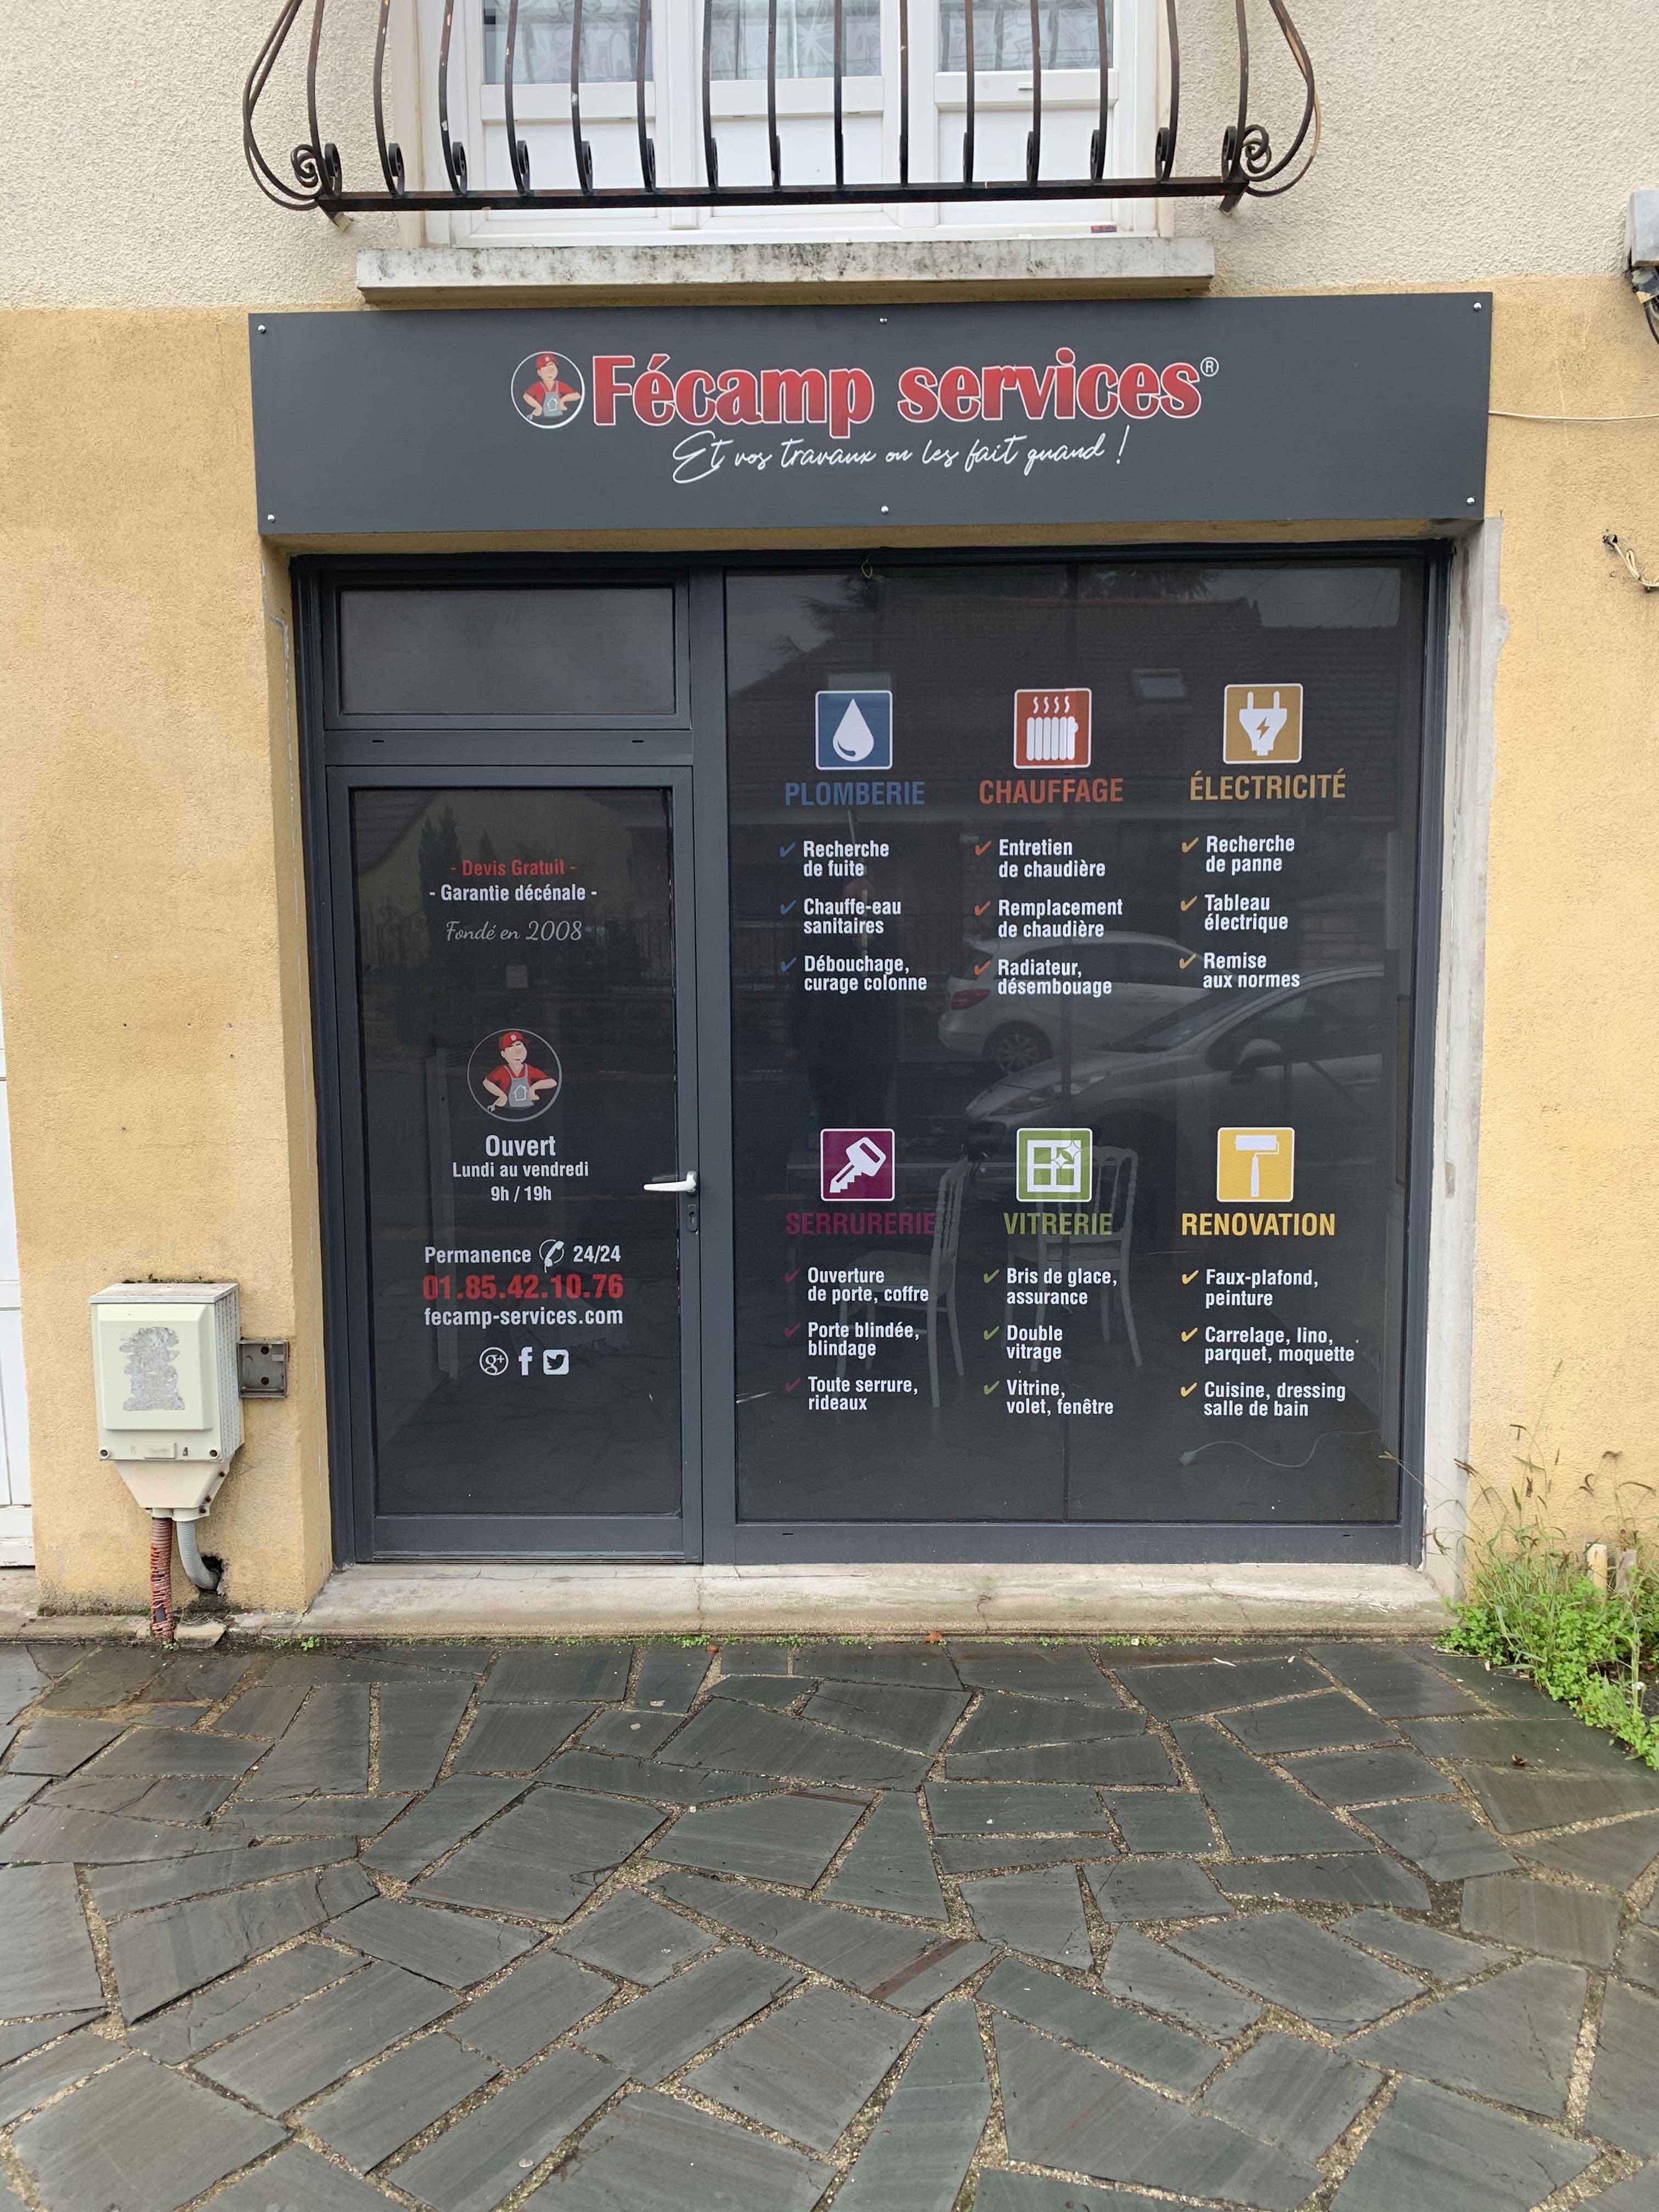 Magasin Fécamp Services Roissy-en-brie